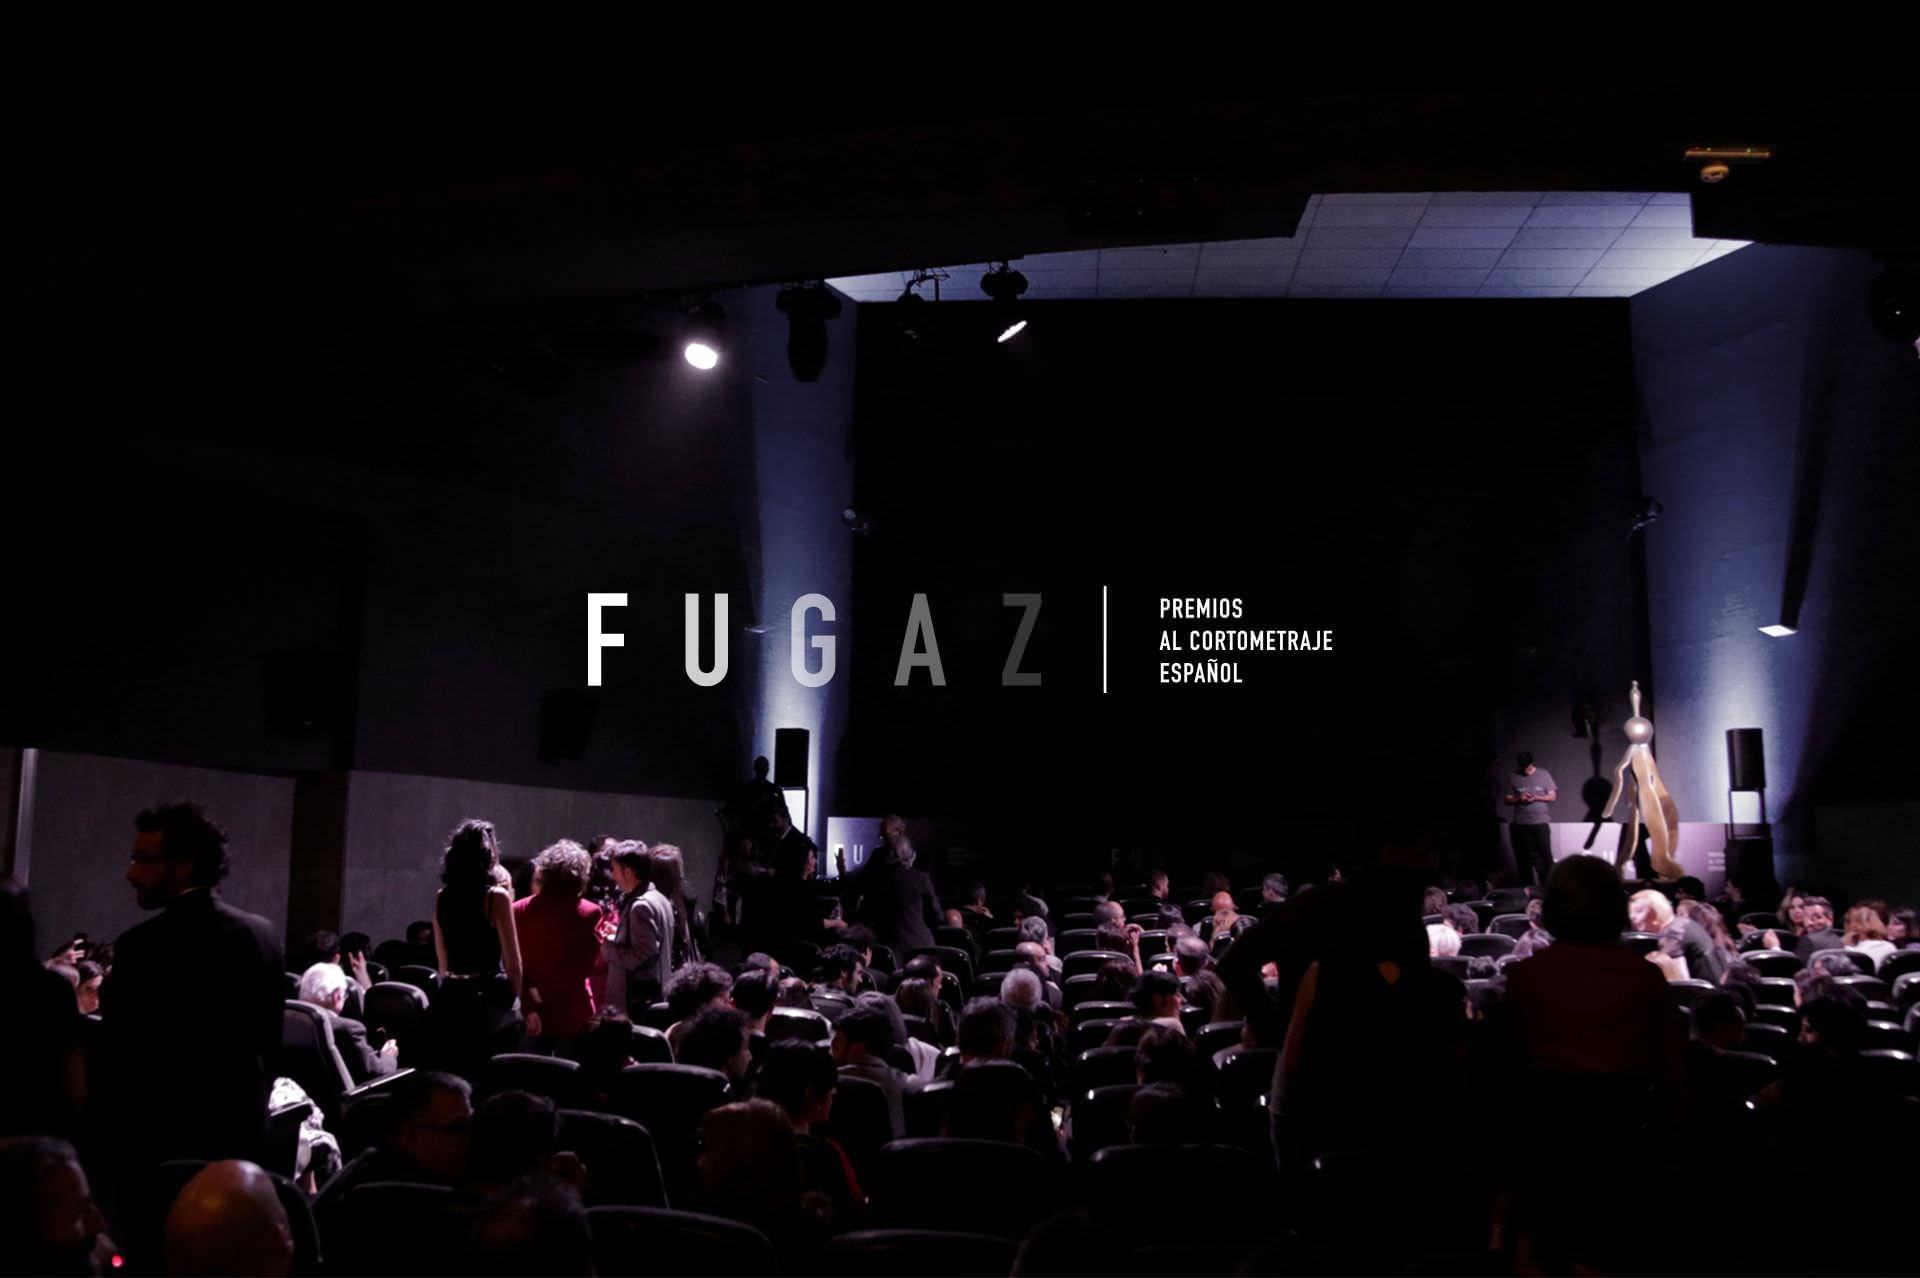 Estudio creativo para la segunda edición de los Premios Fugaz, 2018